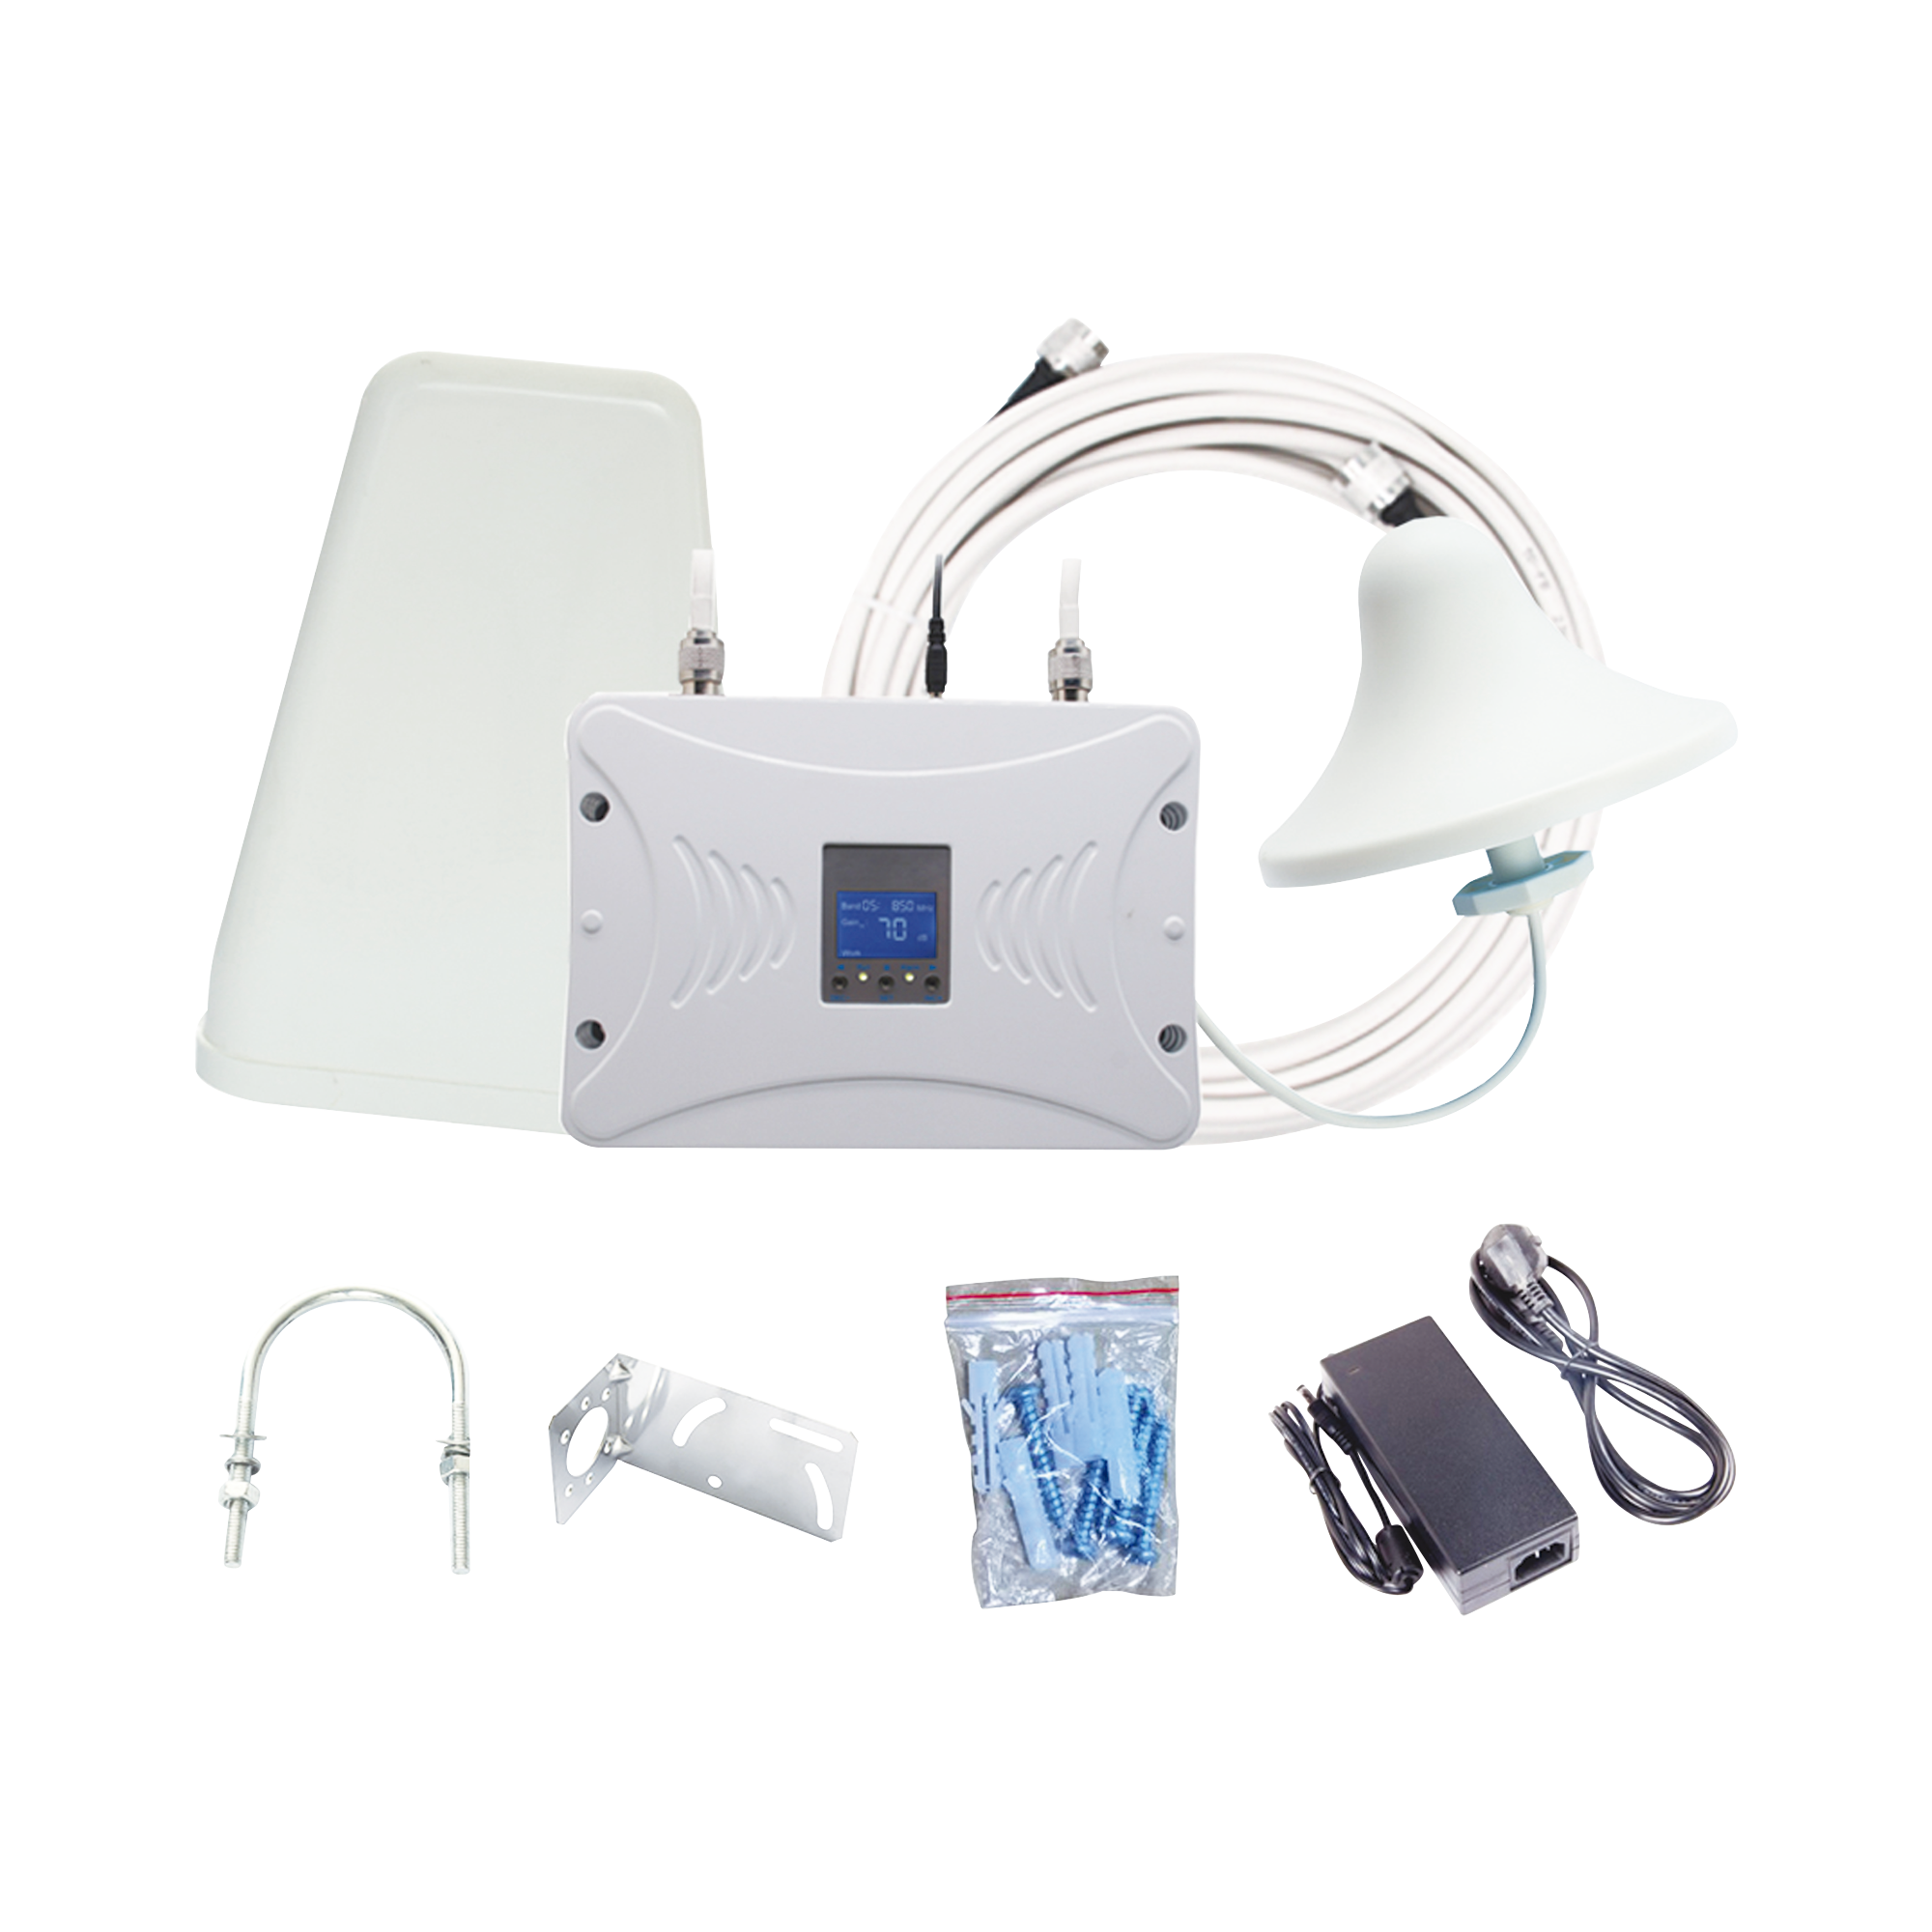 Kit Amplificador de Señal Celular 4G LTE | Funciona con Todos los Operadores | Soporta Múltiples Dispositivos y Tecnologías | Hasta 1000 metros cuadrados de Cobertura